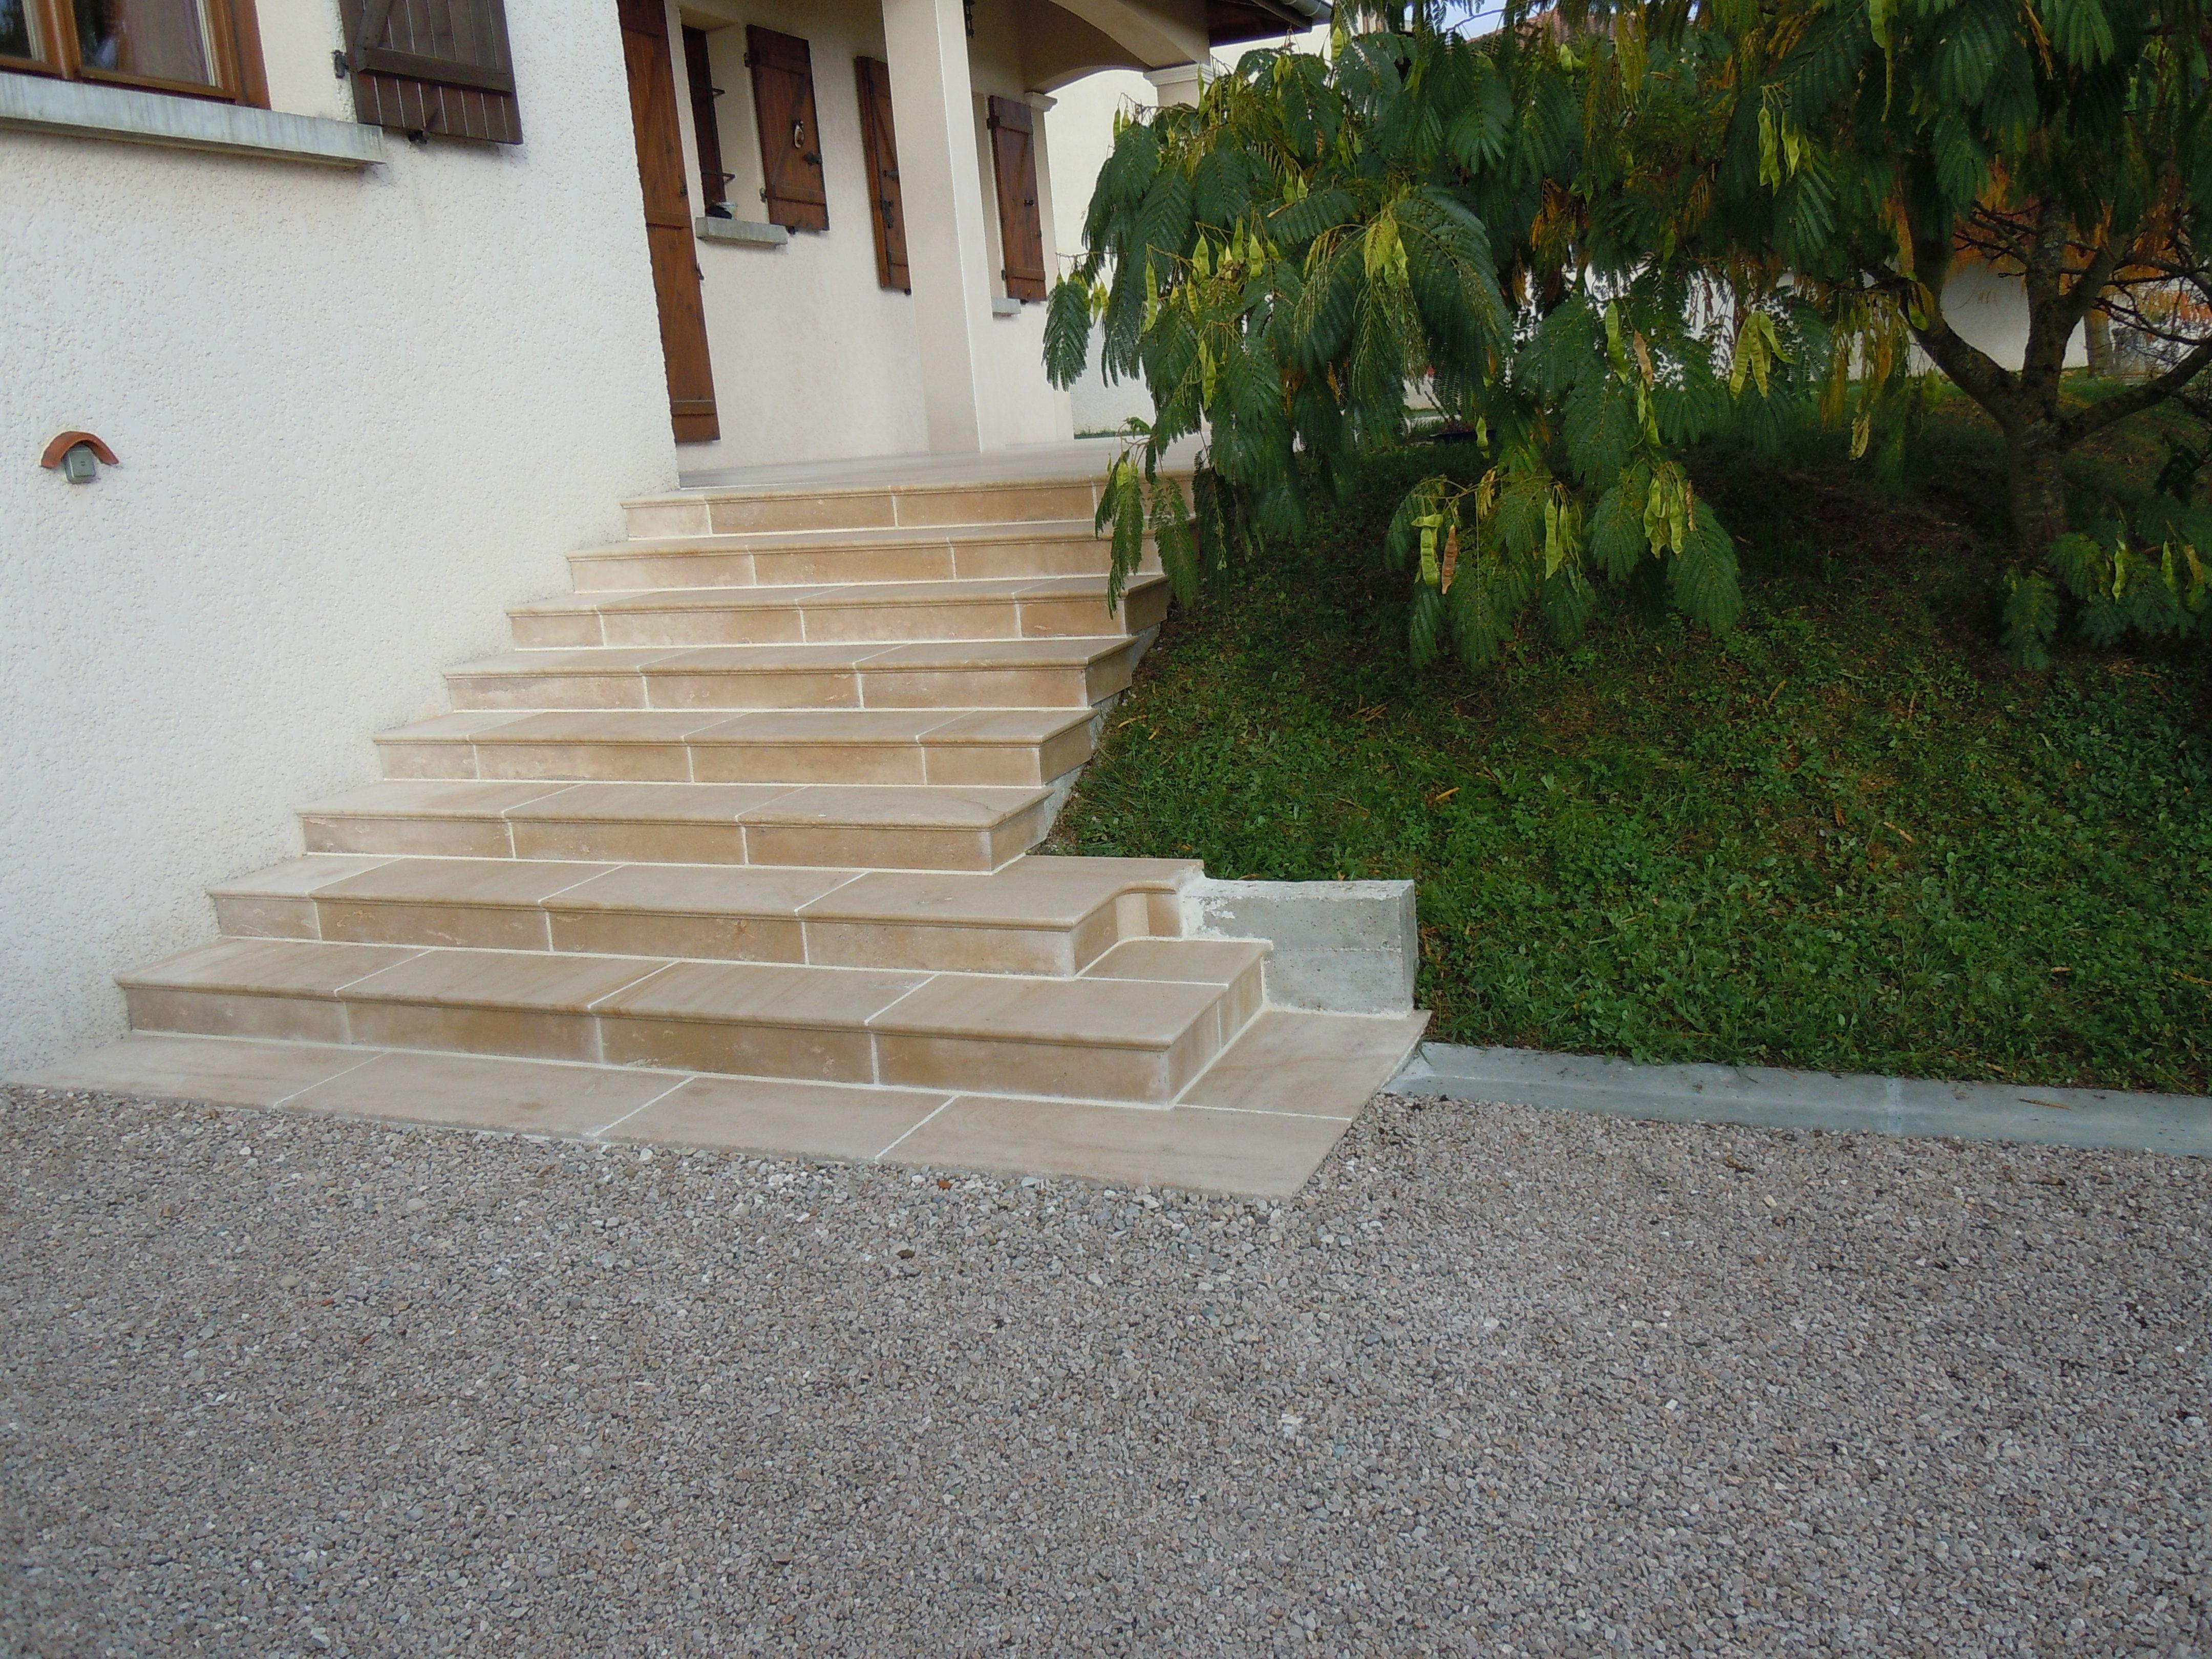 Habillage D Un Escalier Beton Par Des Marches Et Contremarches En Pierre Naturelle De Bourgogn Habillage Escalier Carrelage Pierre Naturelle Escalier Exterieur